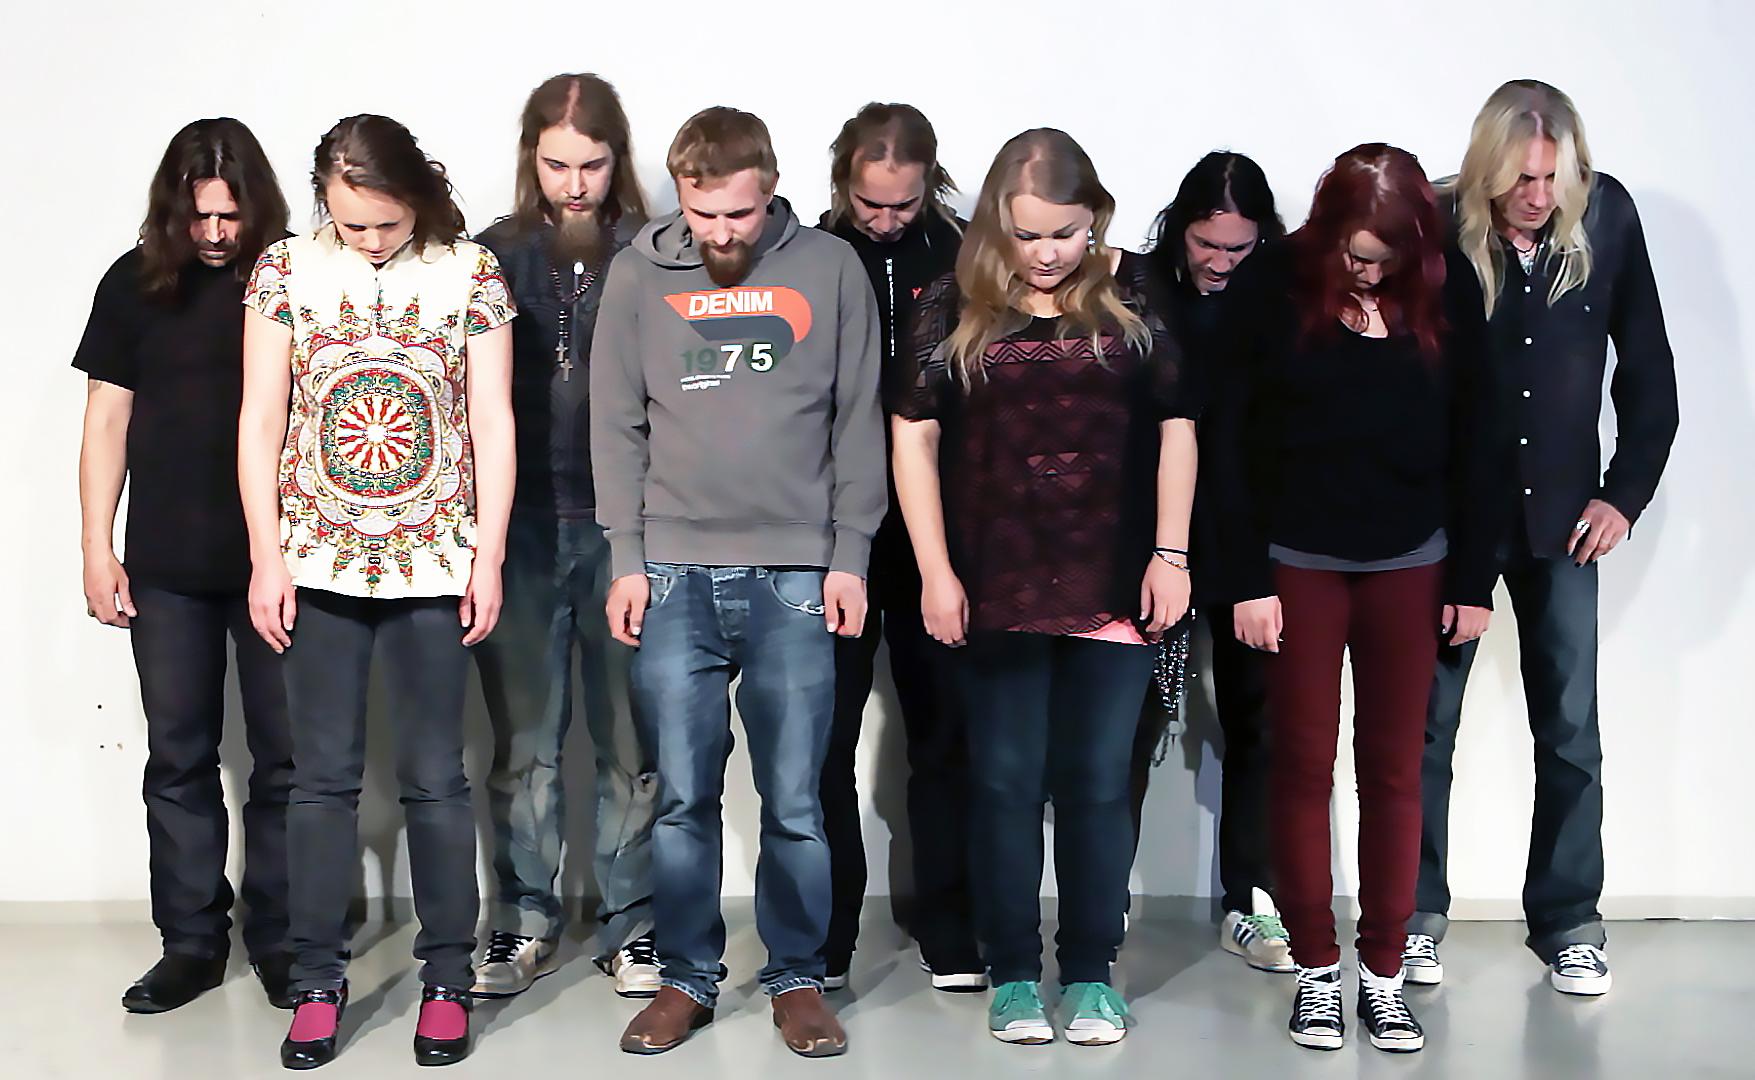 paavo_räbinä_'Kanssa'_2016_videoinstallaatio_kuva_christina_timonen_ kopio 2 kopio.jpg